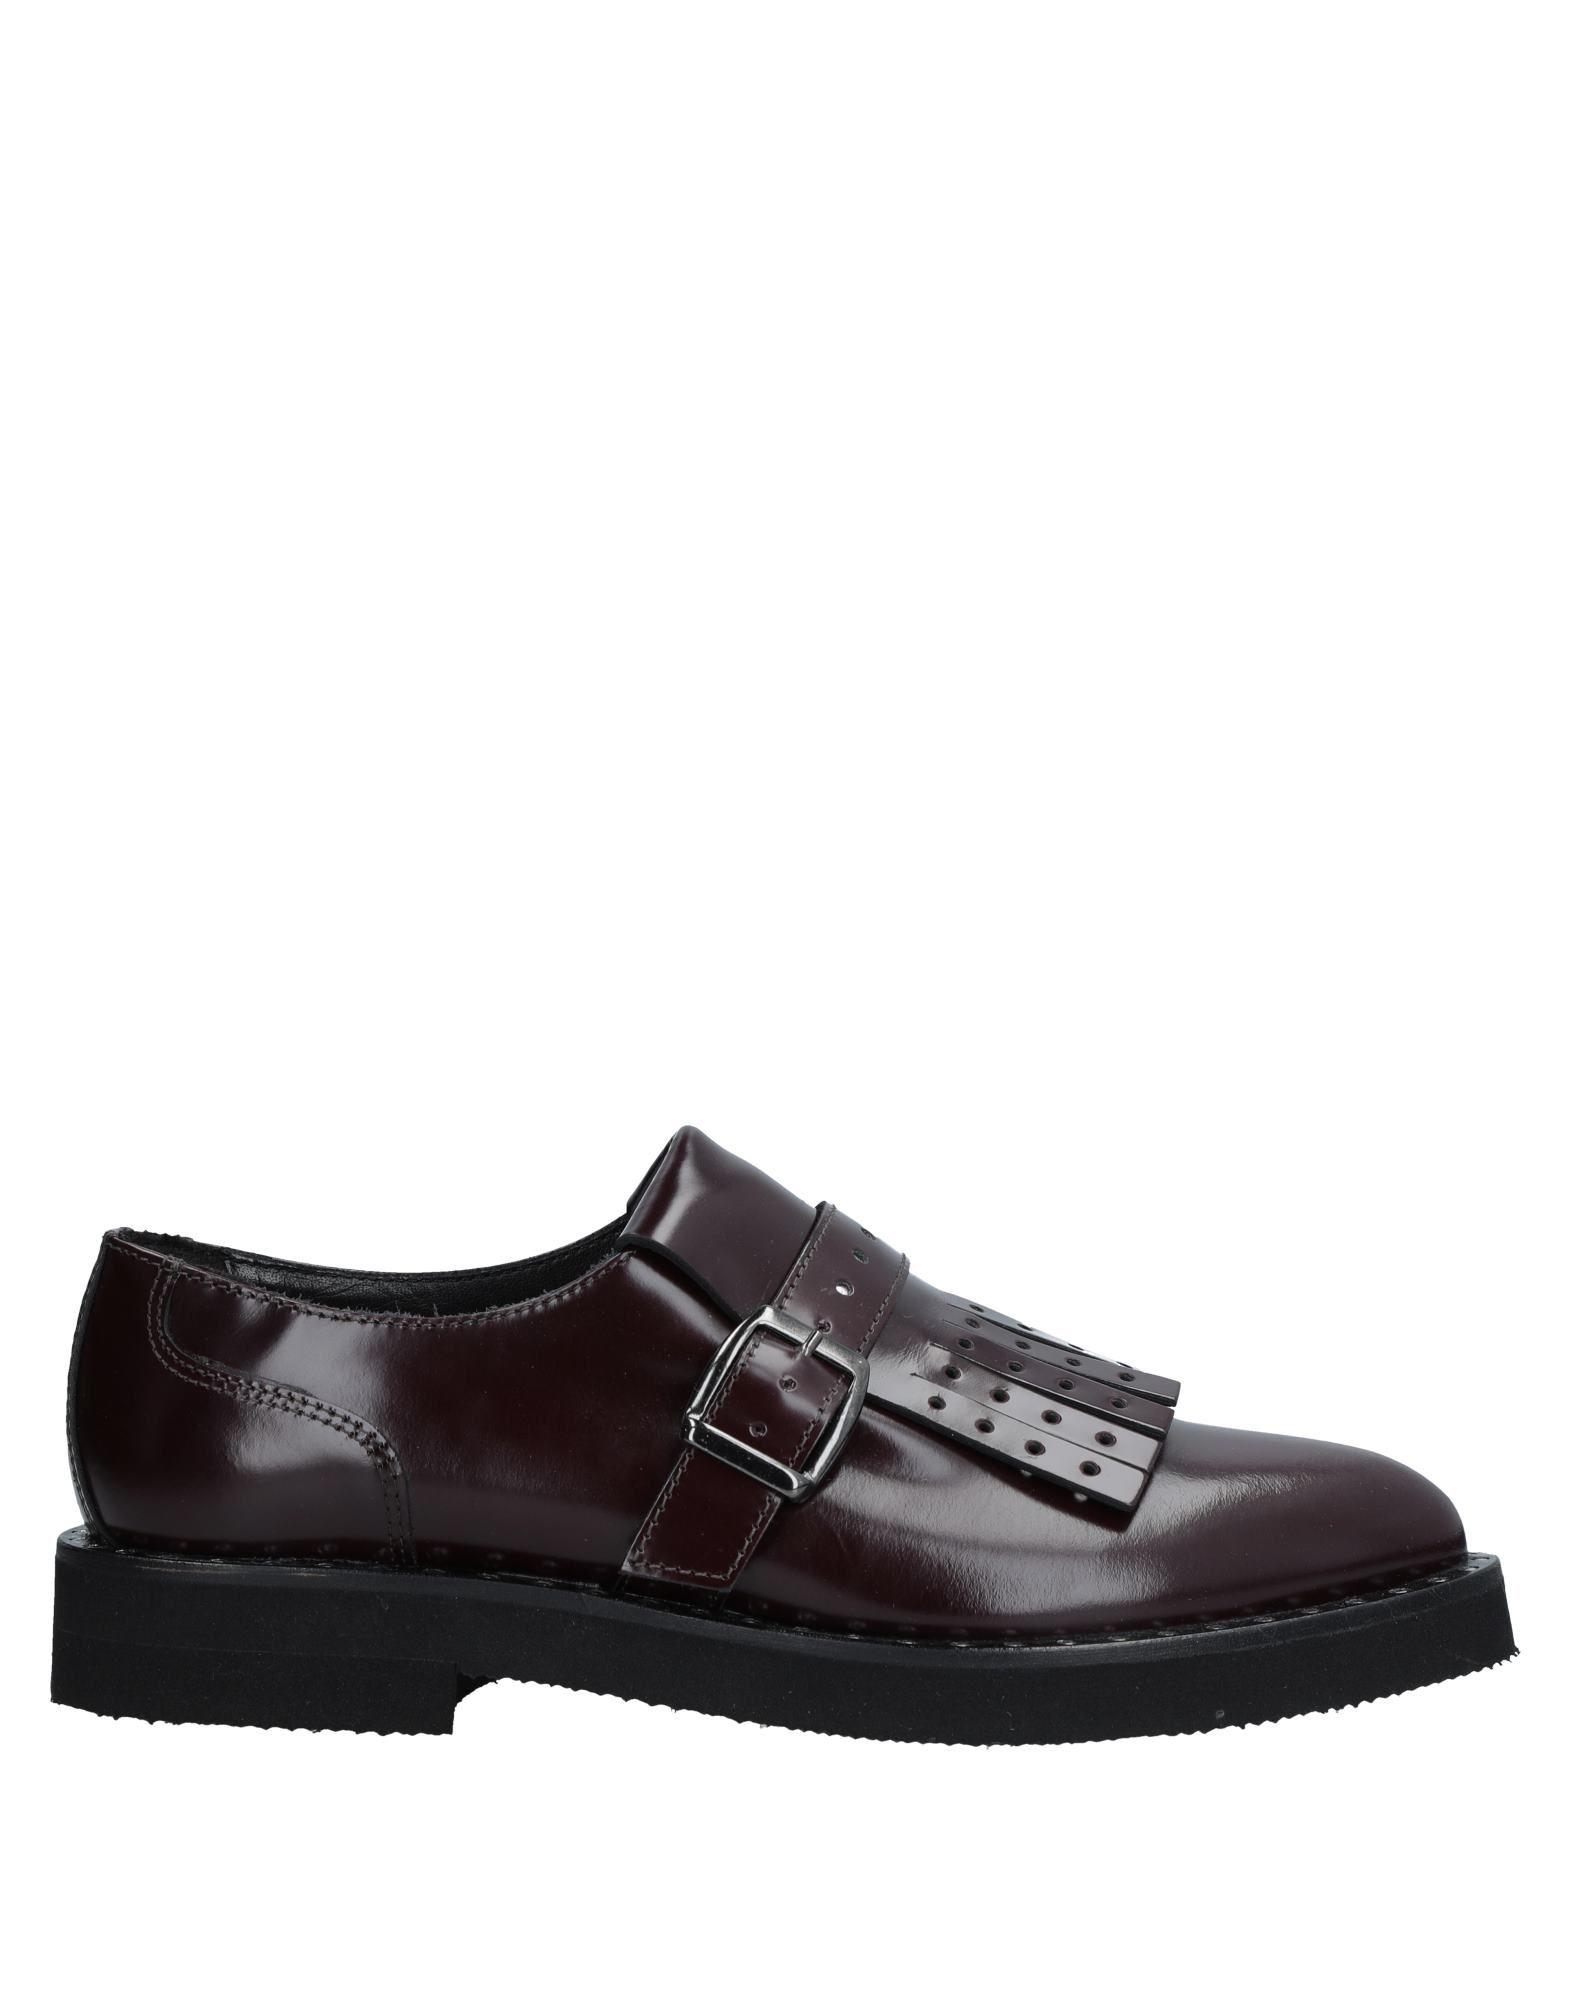 Antica Cuoieria Mokassins Damen  11537615KD Gute Qualität beliebte Schuhe